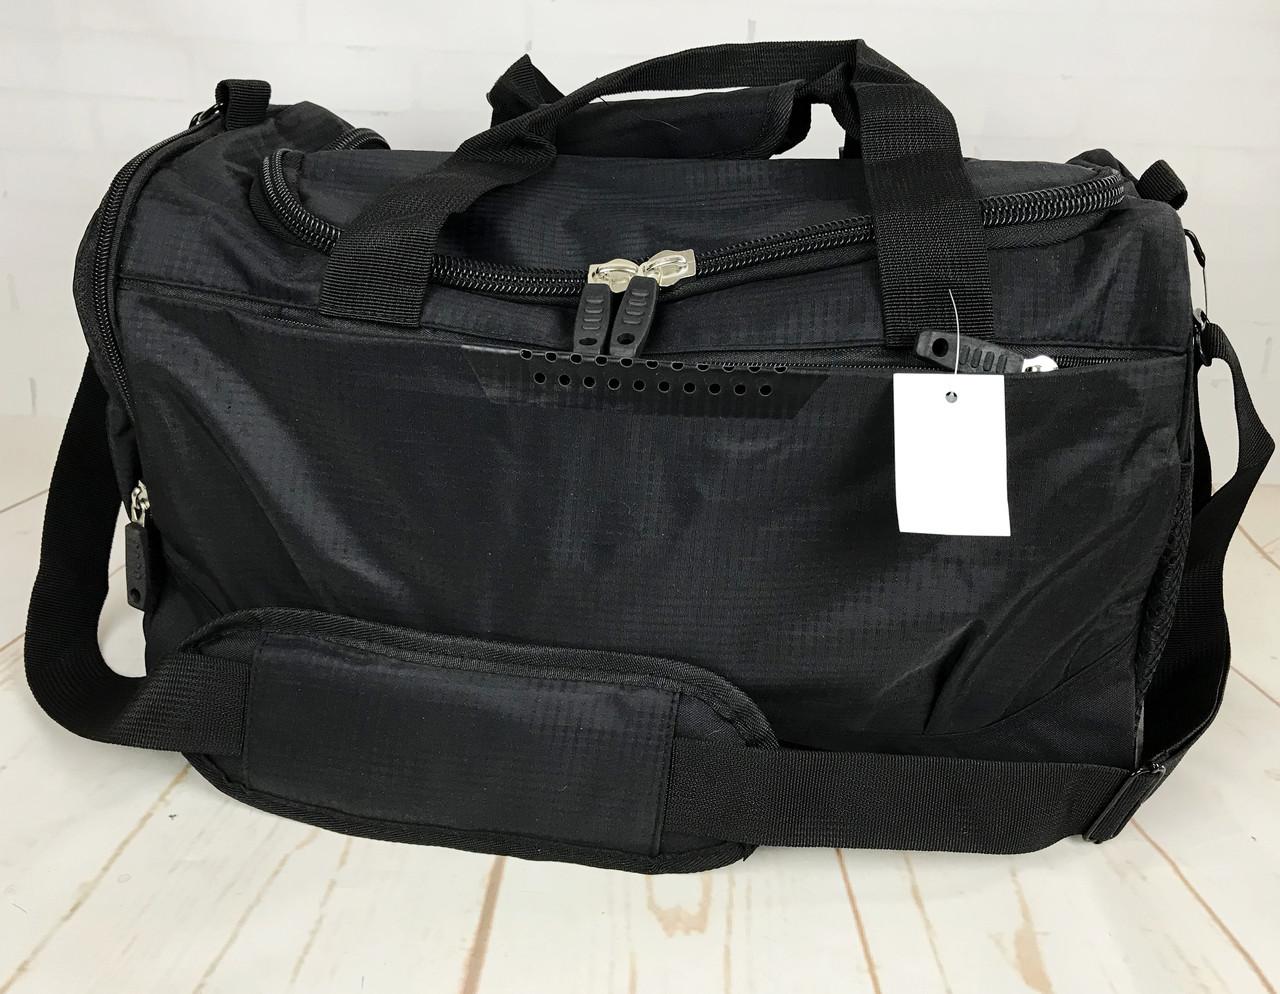 b8c5c80ecd49 Небольшая спортивная сумка без логотипа с отделом для обуви. Раз.44*26*